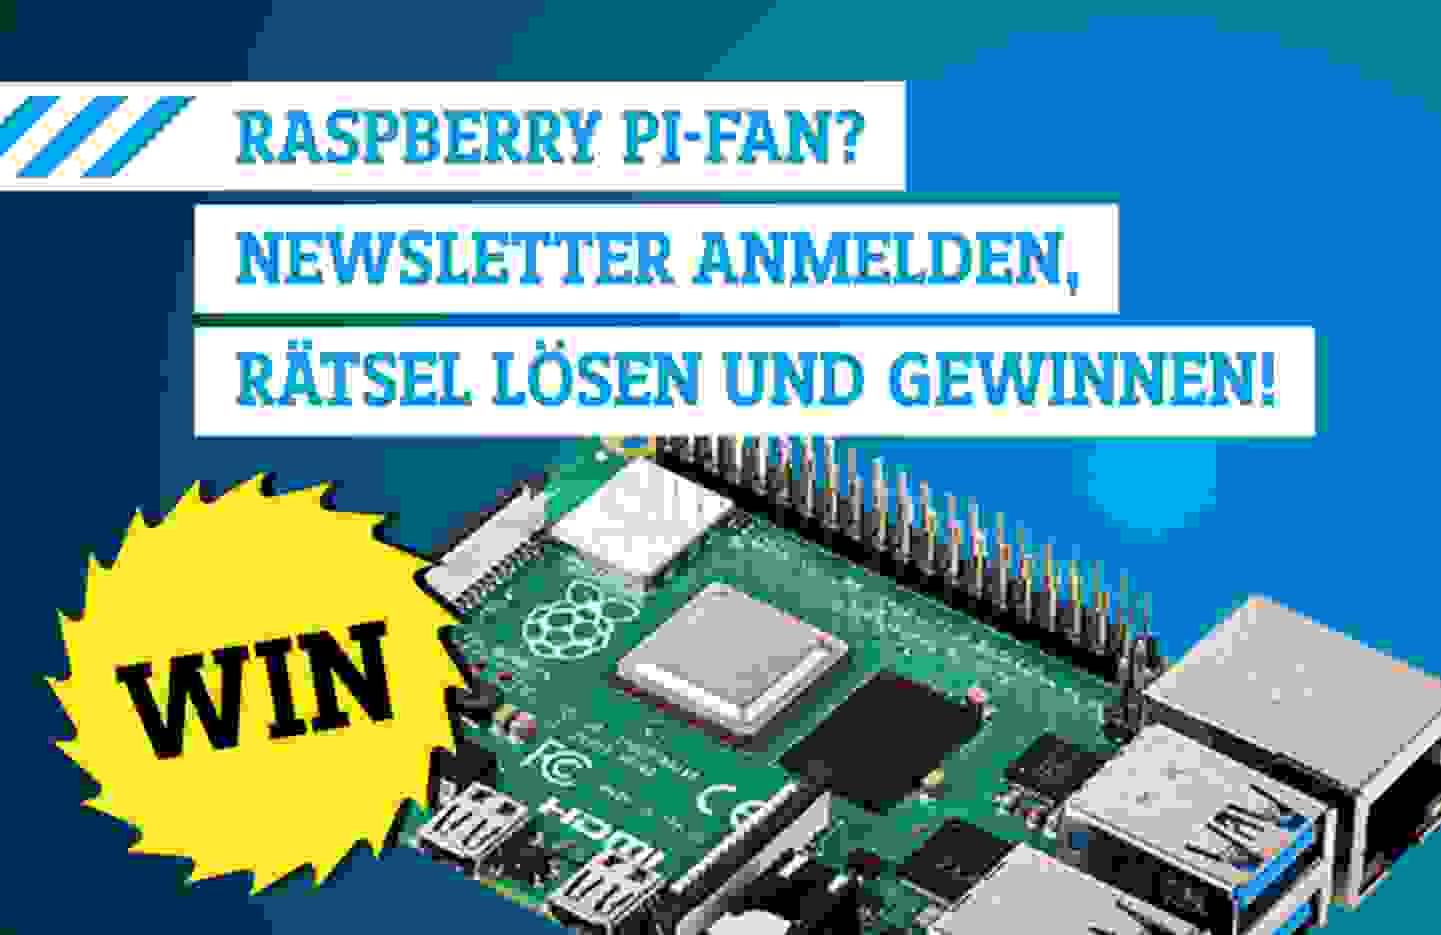 Raspberry Pi Fan? Jetzt Newsletter abonnieren, Rätsel lösen und gewinnen!